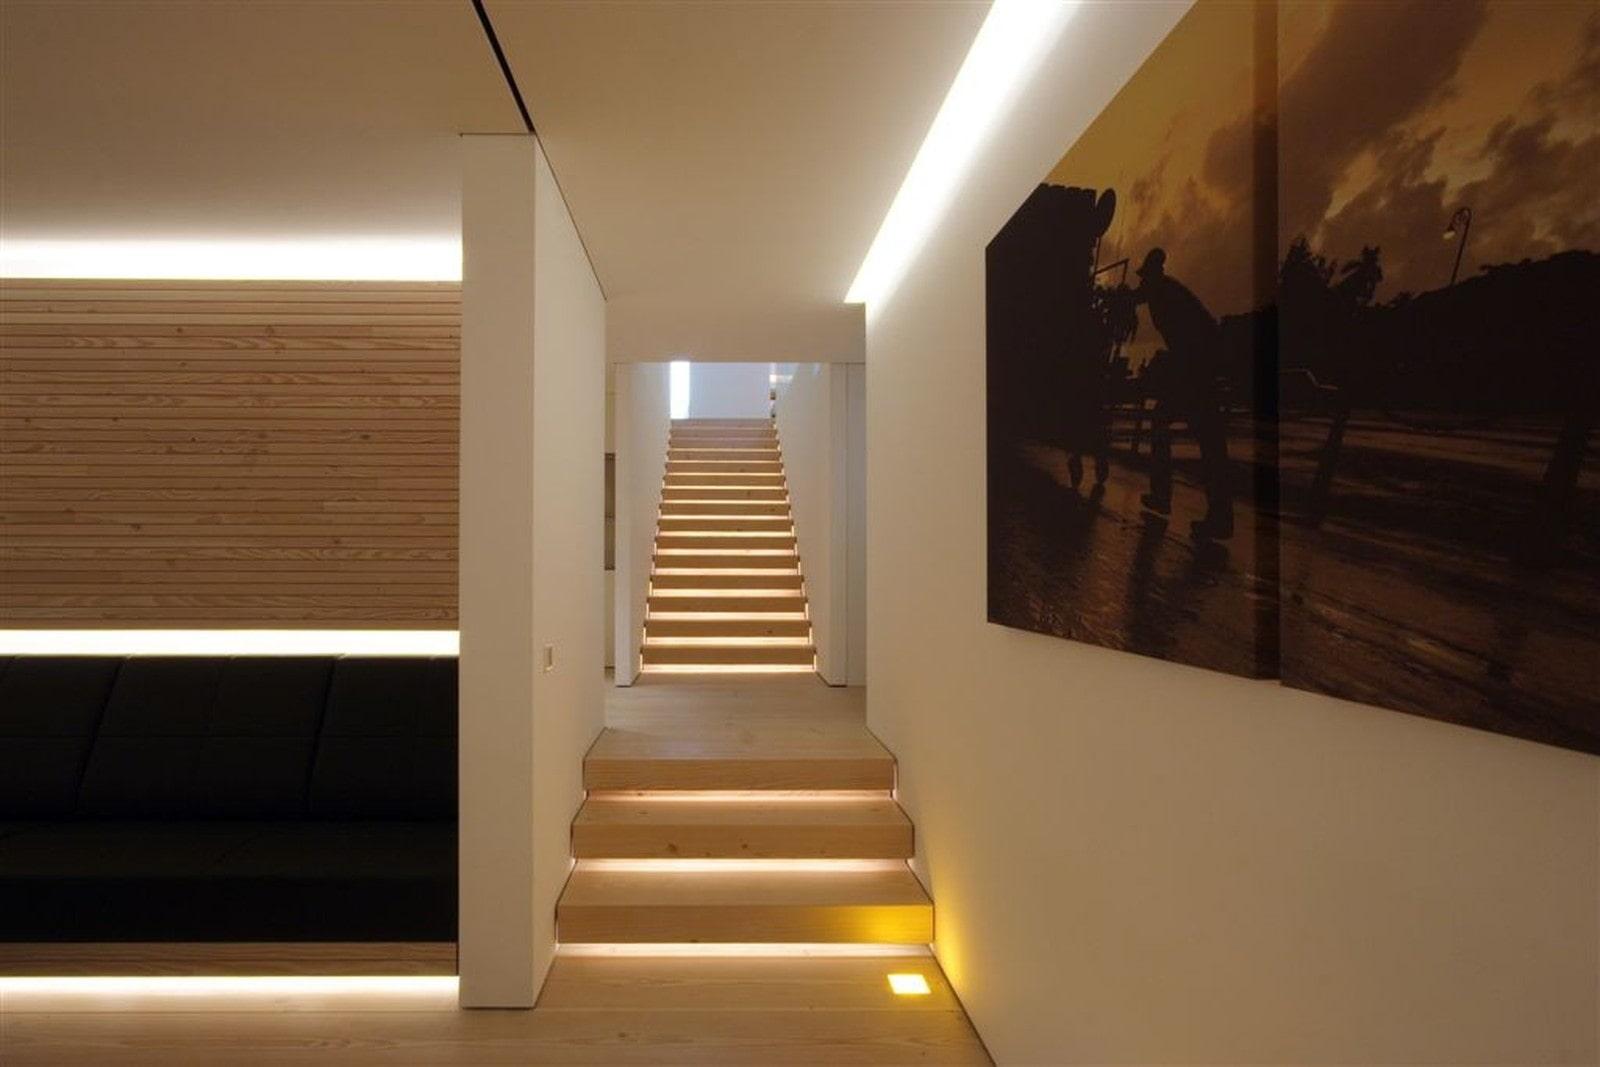 подсветка лестницы в доме своими руками фото